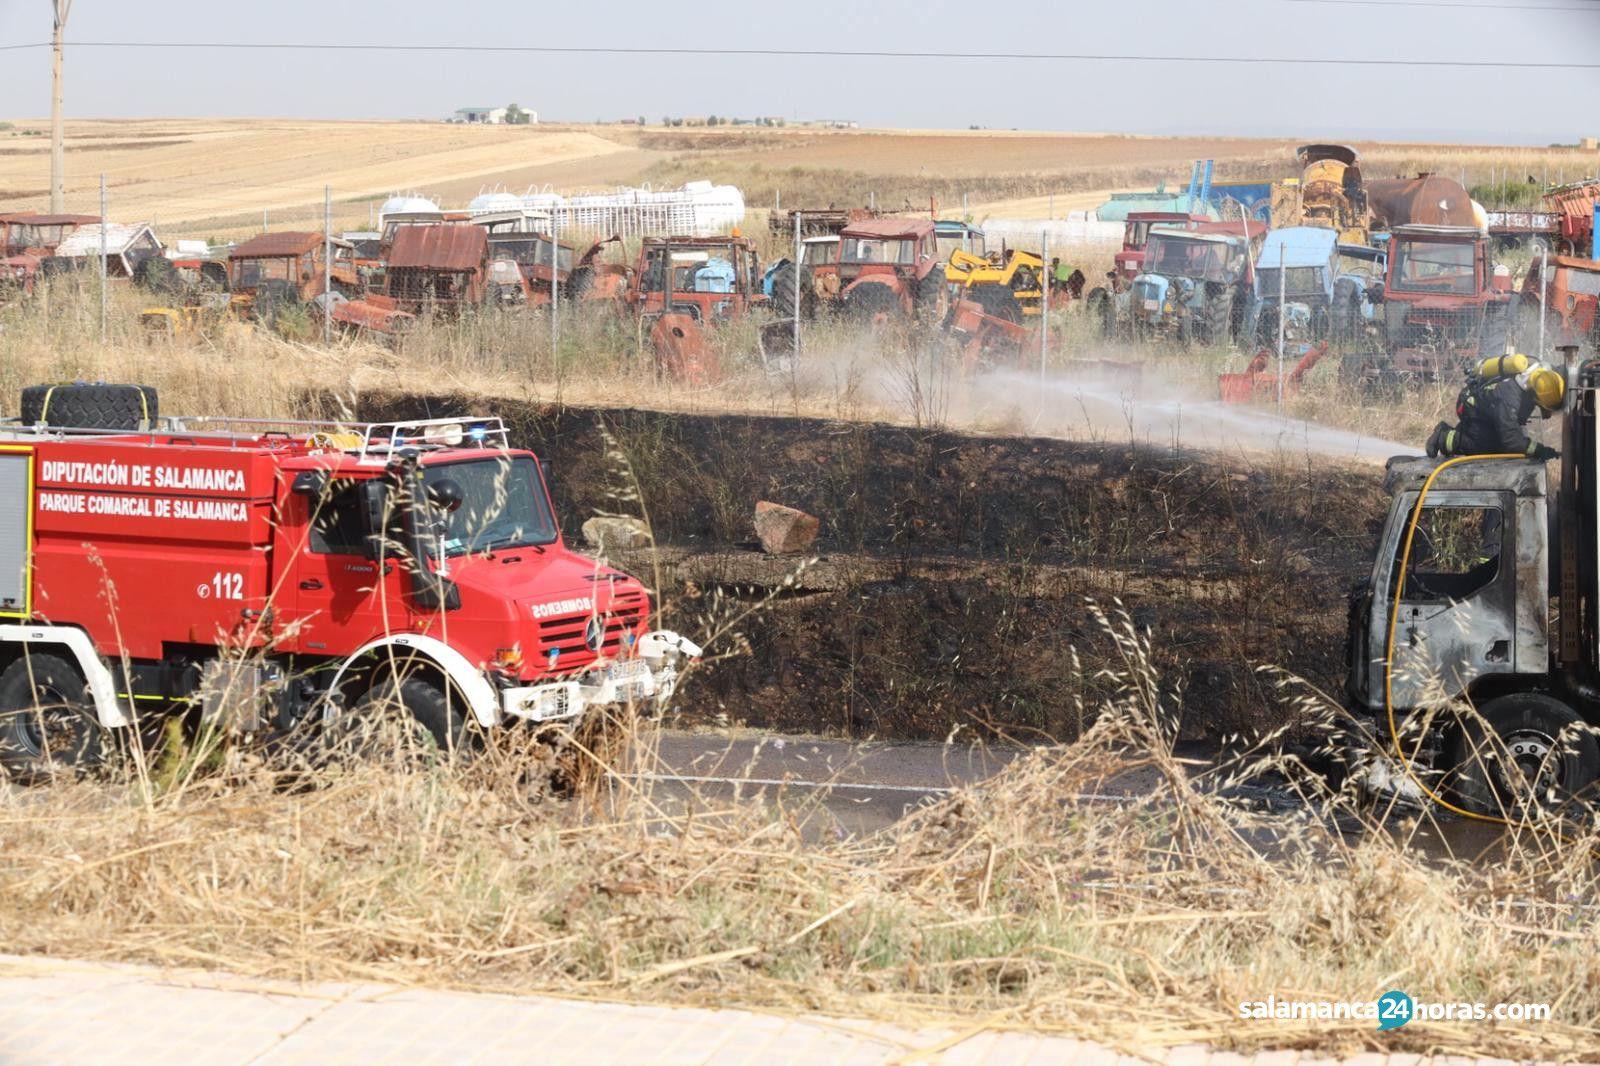 Camión quemado carretera valladolid (8)